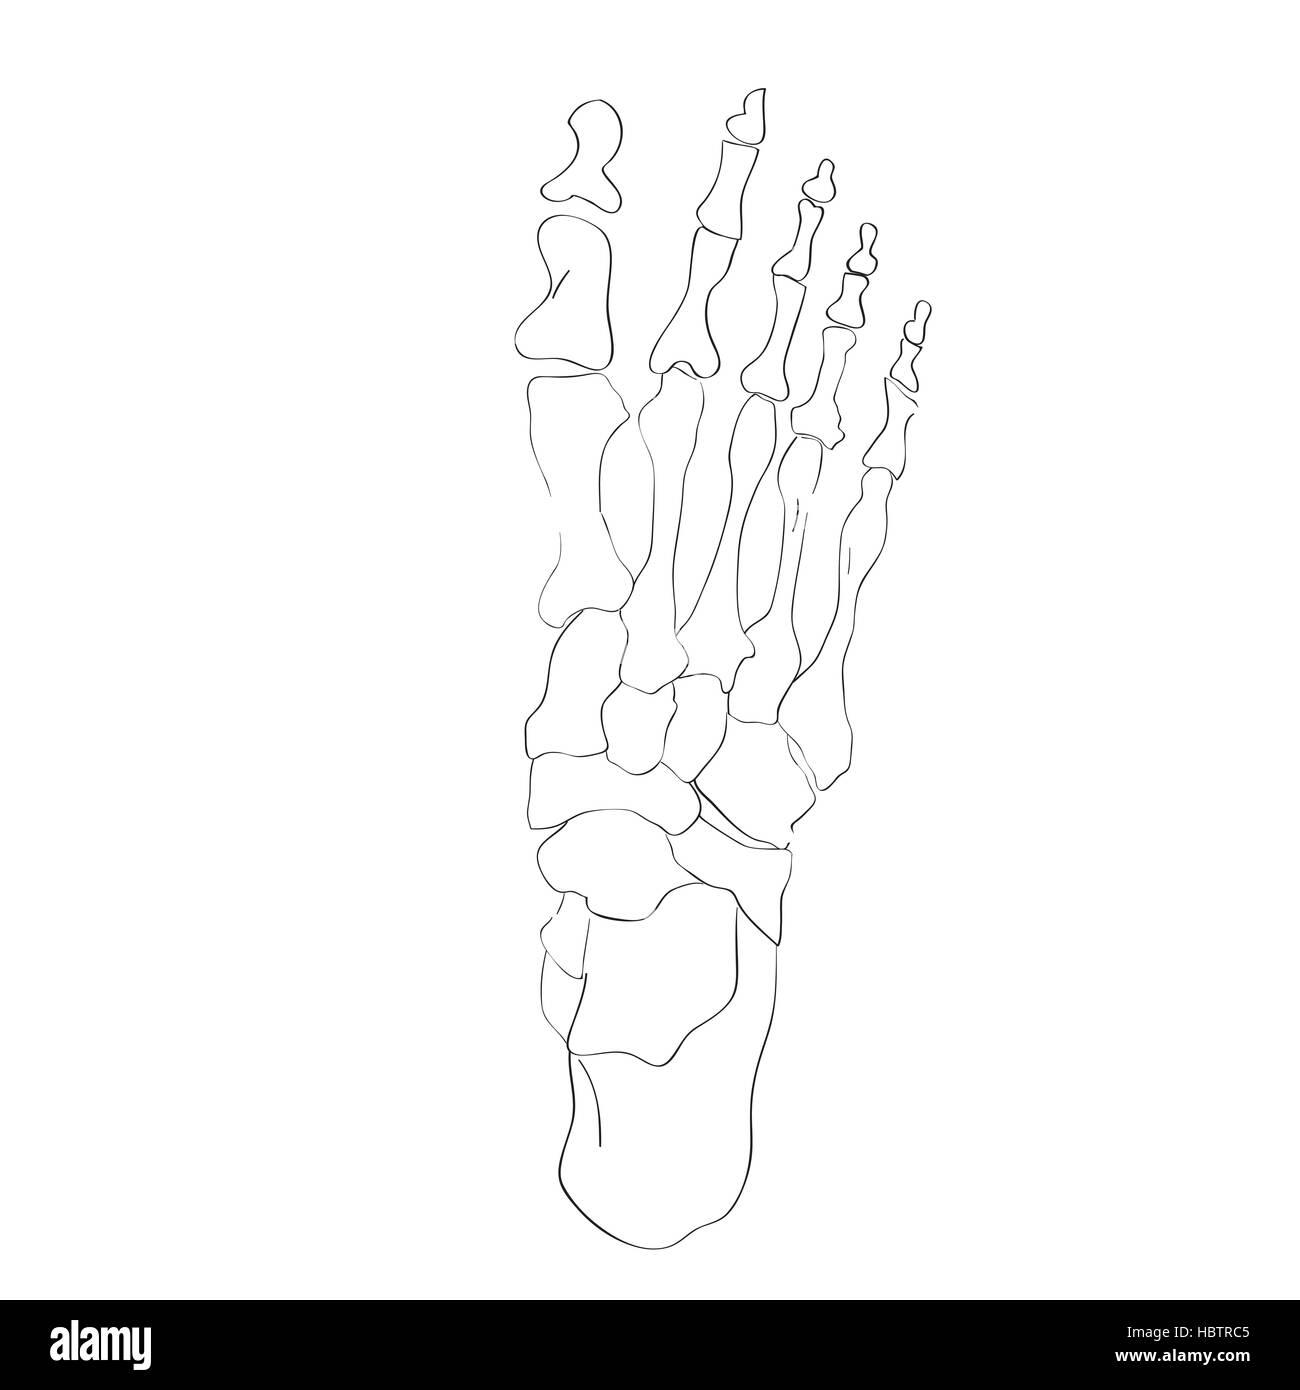 Großzügig Fußanatomie Knochen Bilder - Anatomie Ideen - finotti.info